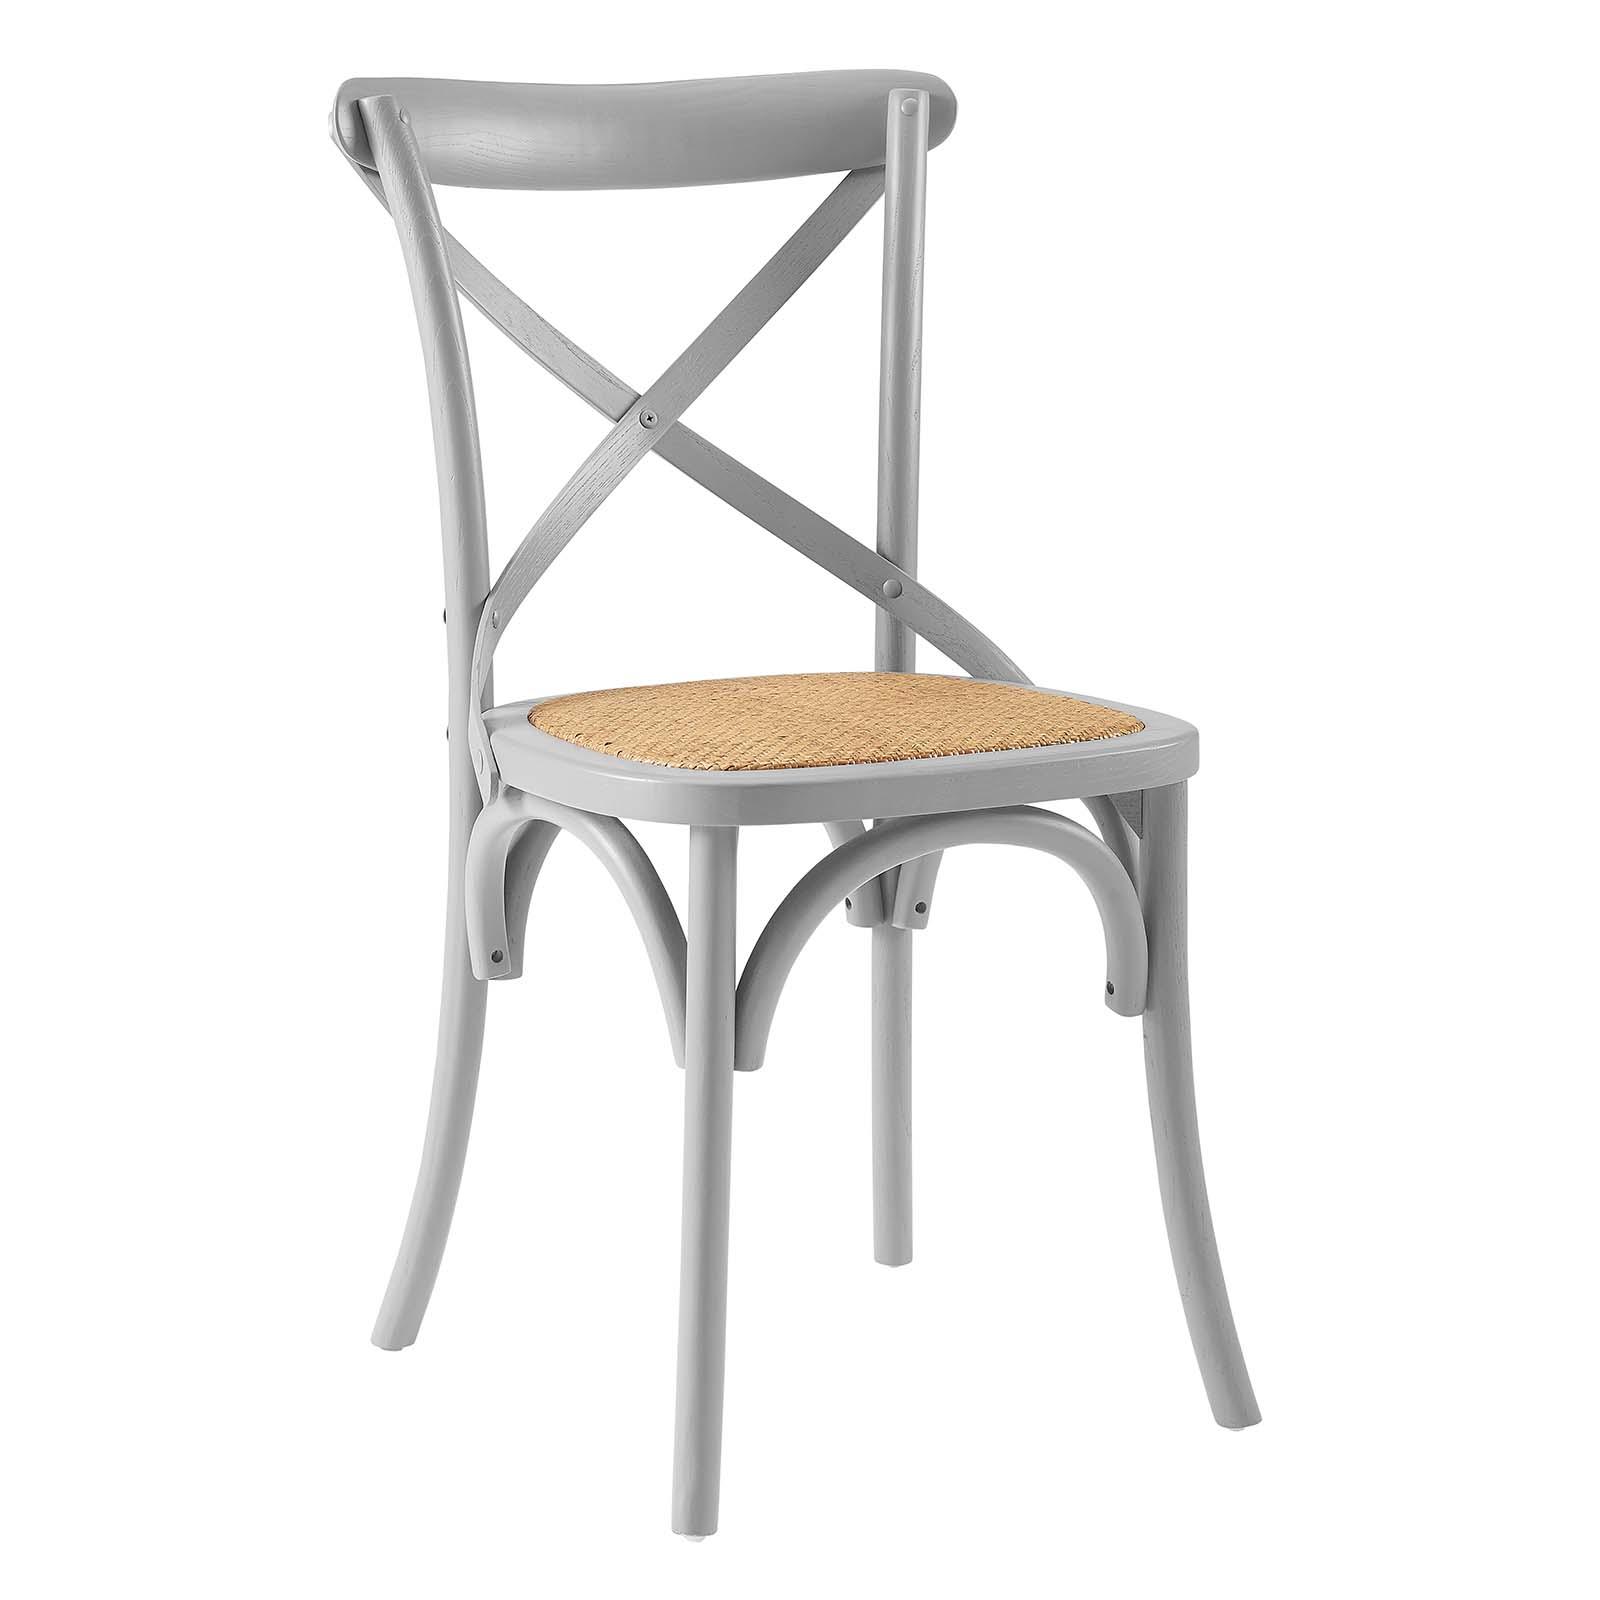 Gear Dining Side Chair Light Gray EEI-1541-LGR